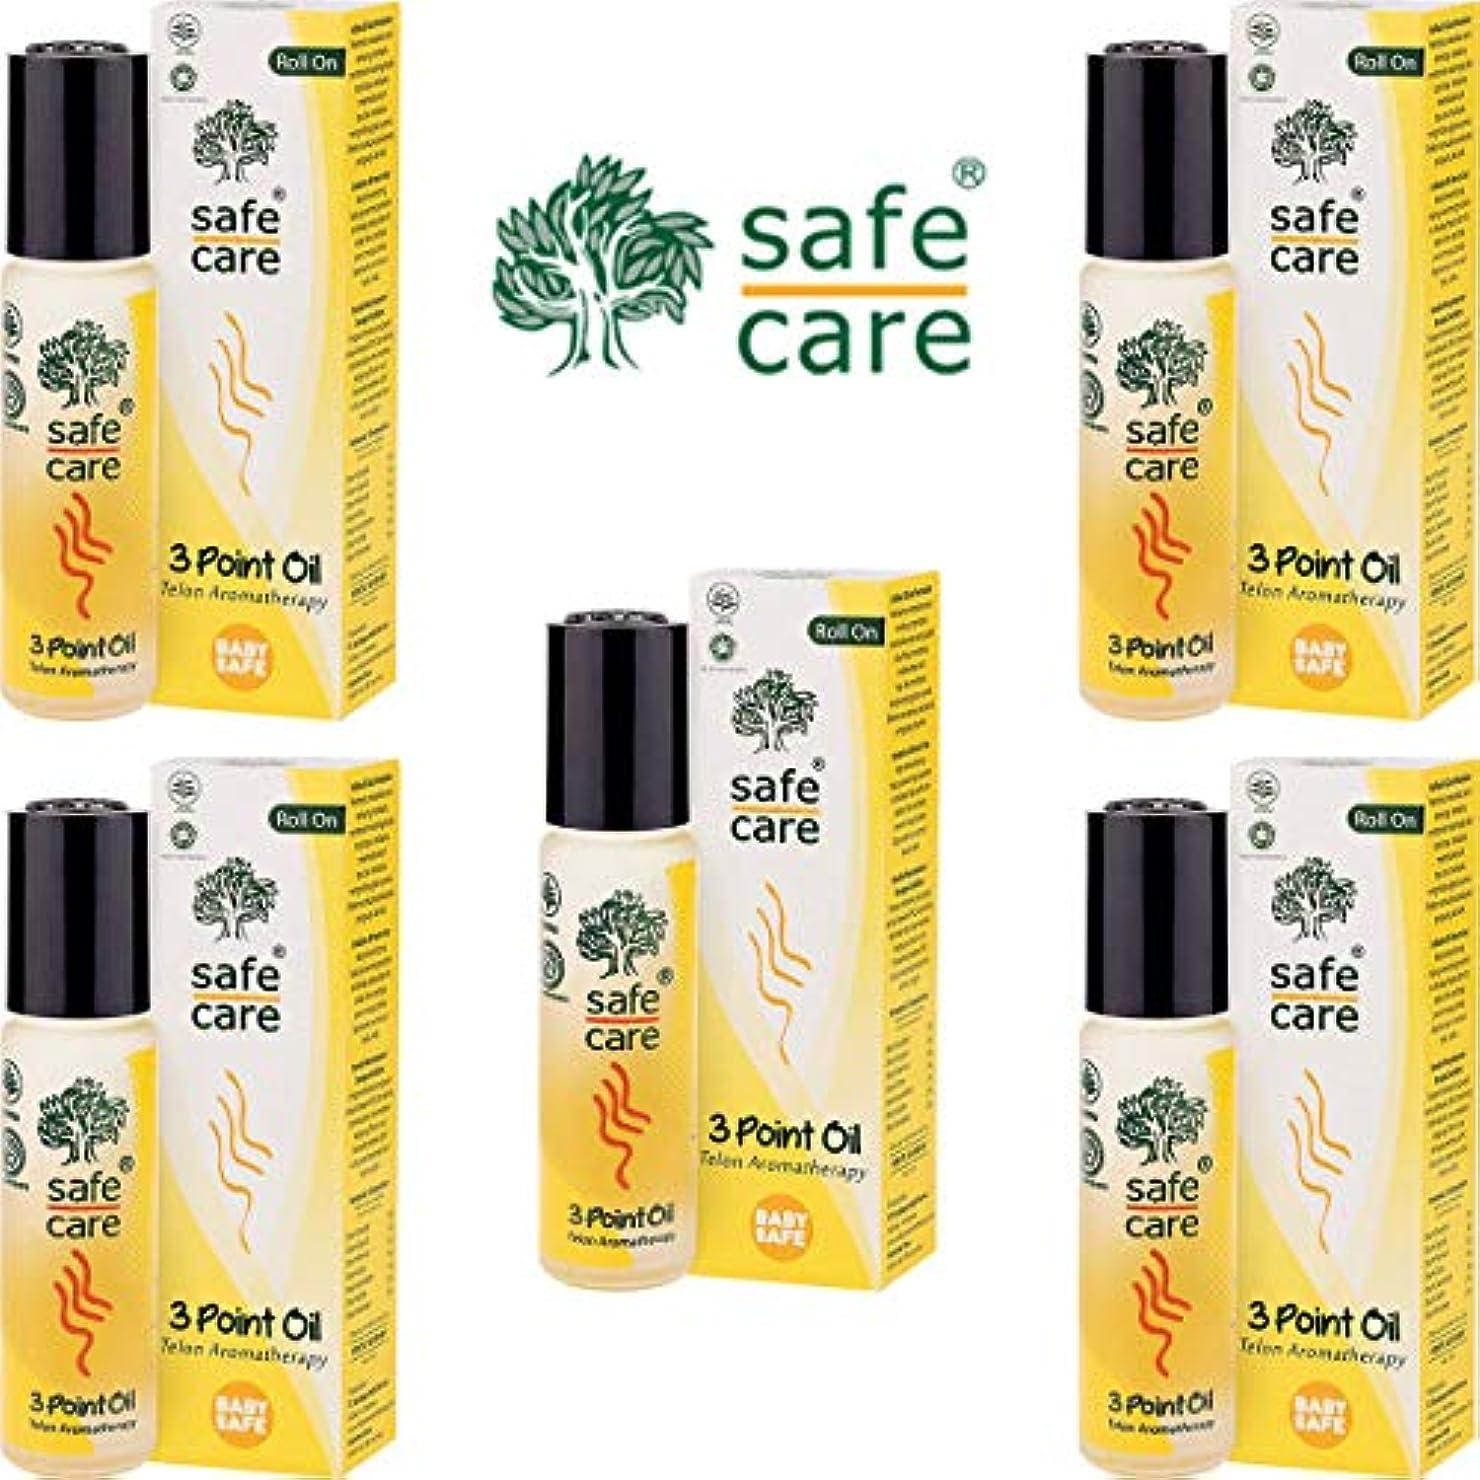 シガレット同じ寄稿者Safe Care セーフケア Aromatherapy Telon 3Point Oil アロマテラピー リフレッシュオイル テロン3ポイントオイル ロールオン 10ml×5本セット [海外直送品]